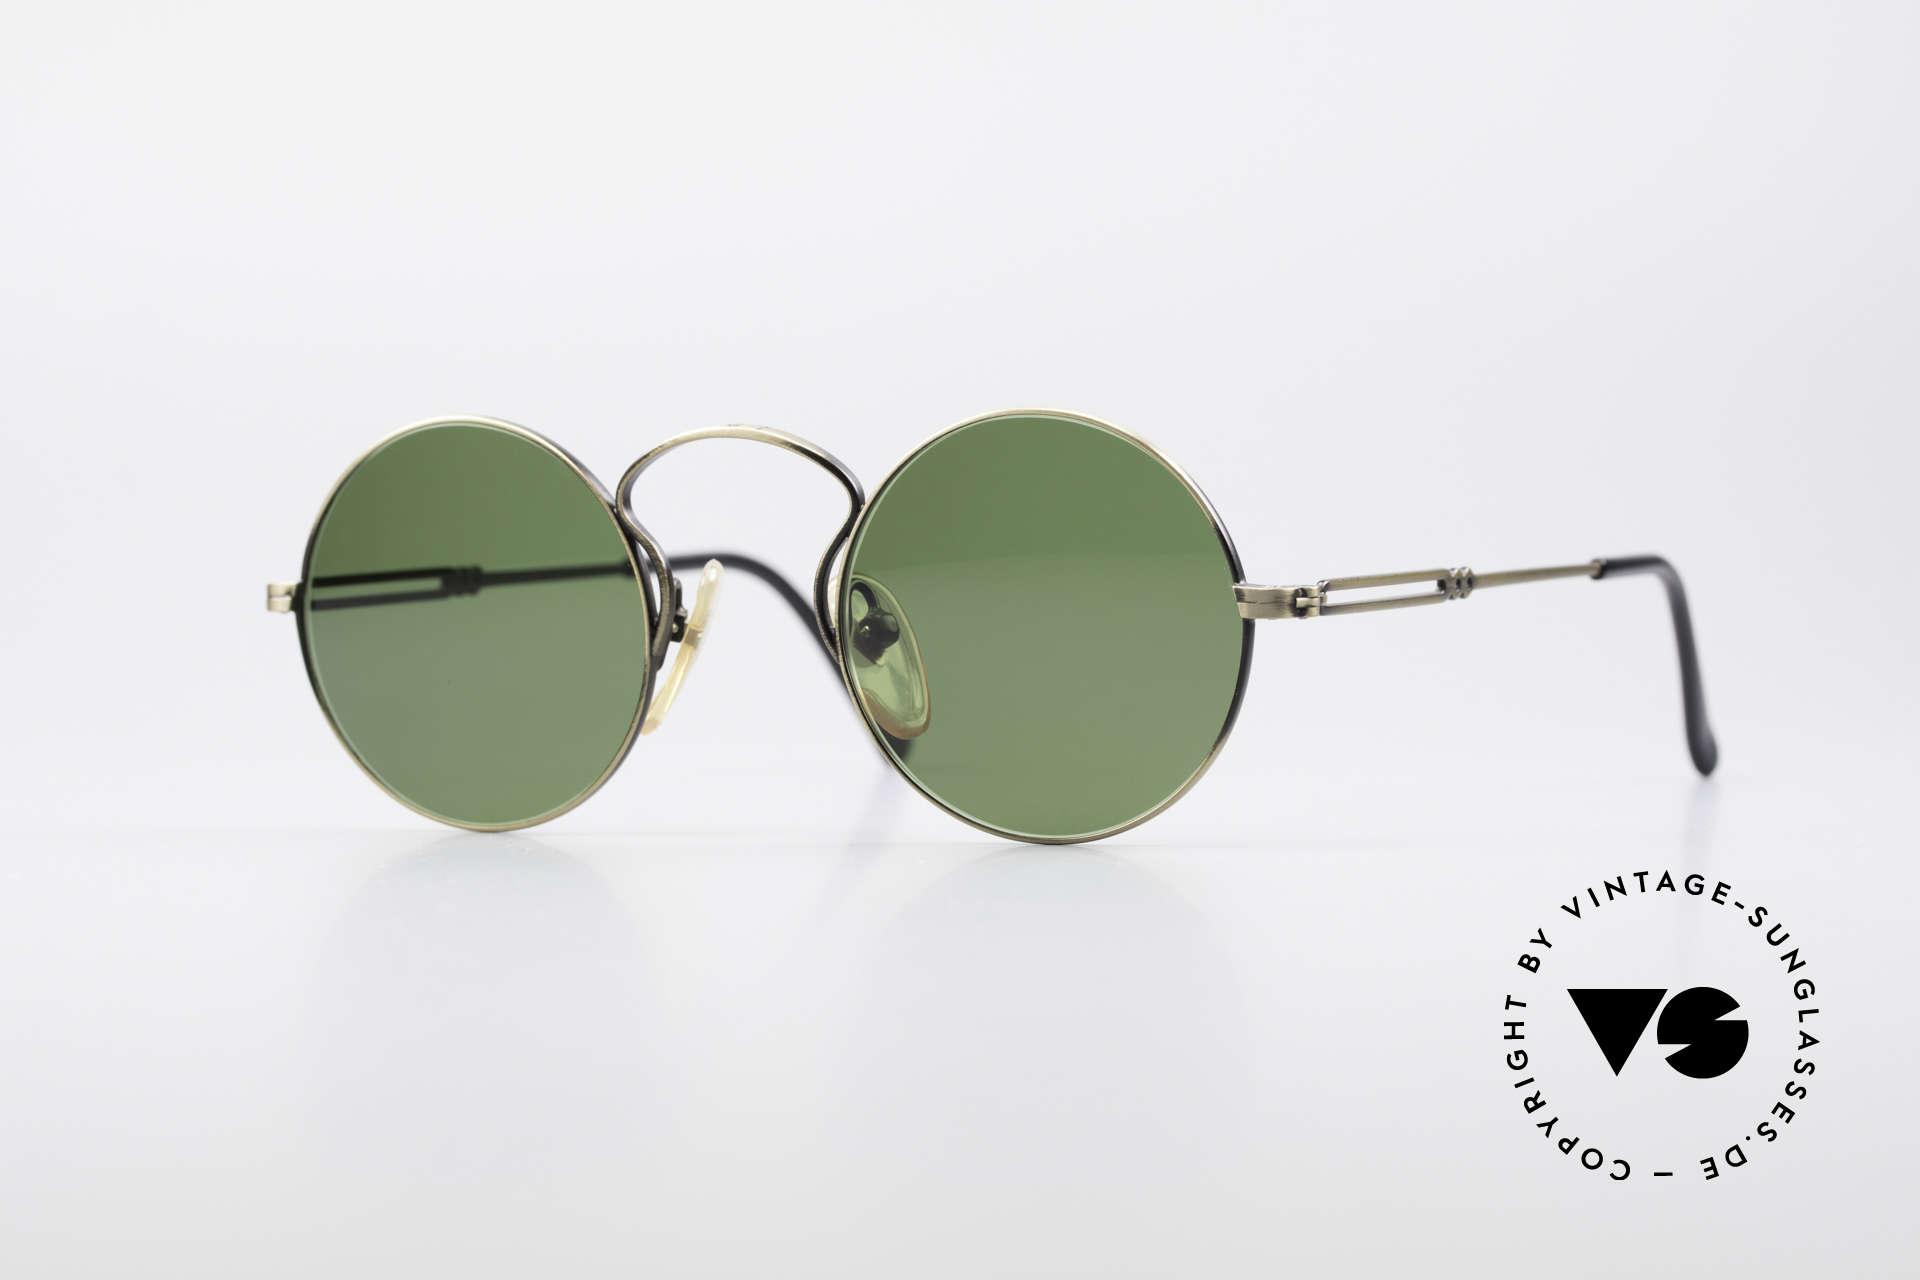 Jean Paul Gaultier 55-0172 90er Designer Sonnenbrille, Designerbrille von Jean Paul Gaultier von ca. 1994, Passend für Herren und Damen